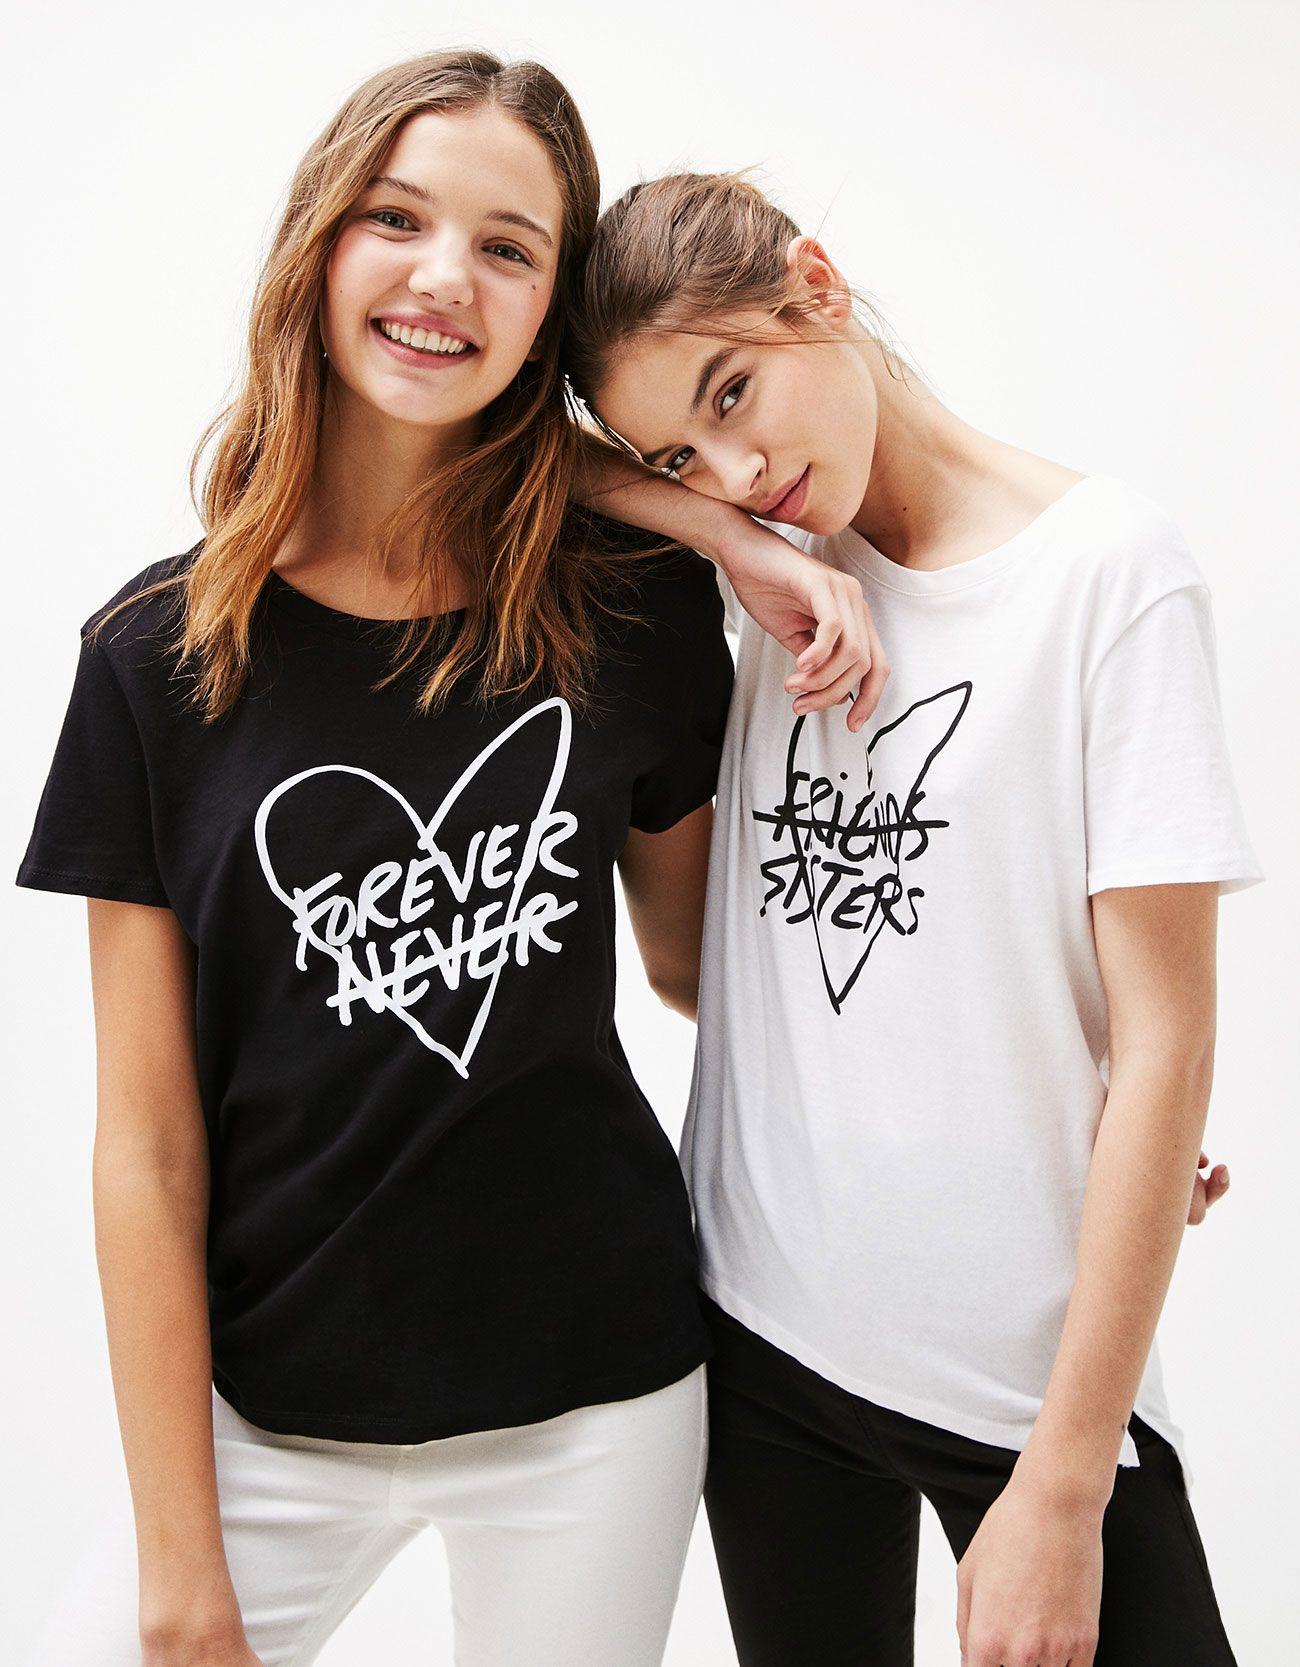 6995b184f2c15 Camiseta estampada Forever Sister. Descubre ésta y muchas otras prendas en  Bershka con nuevos productos cada semana